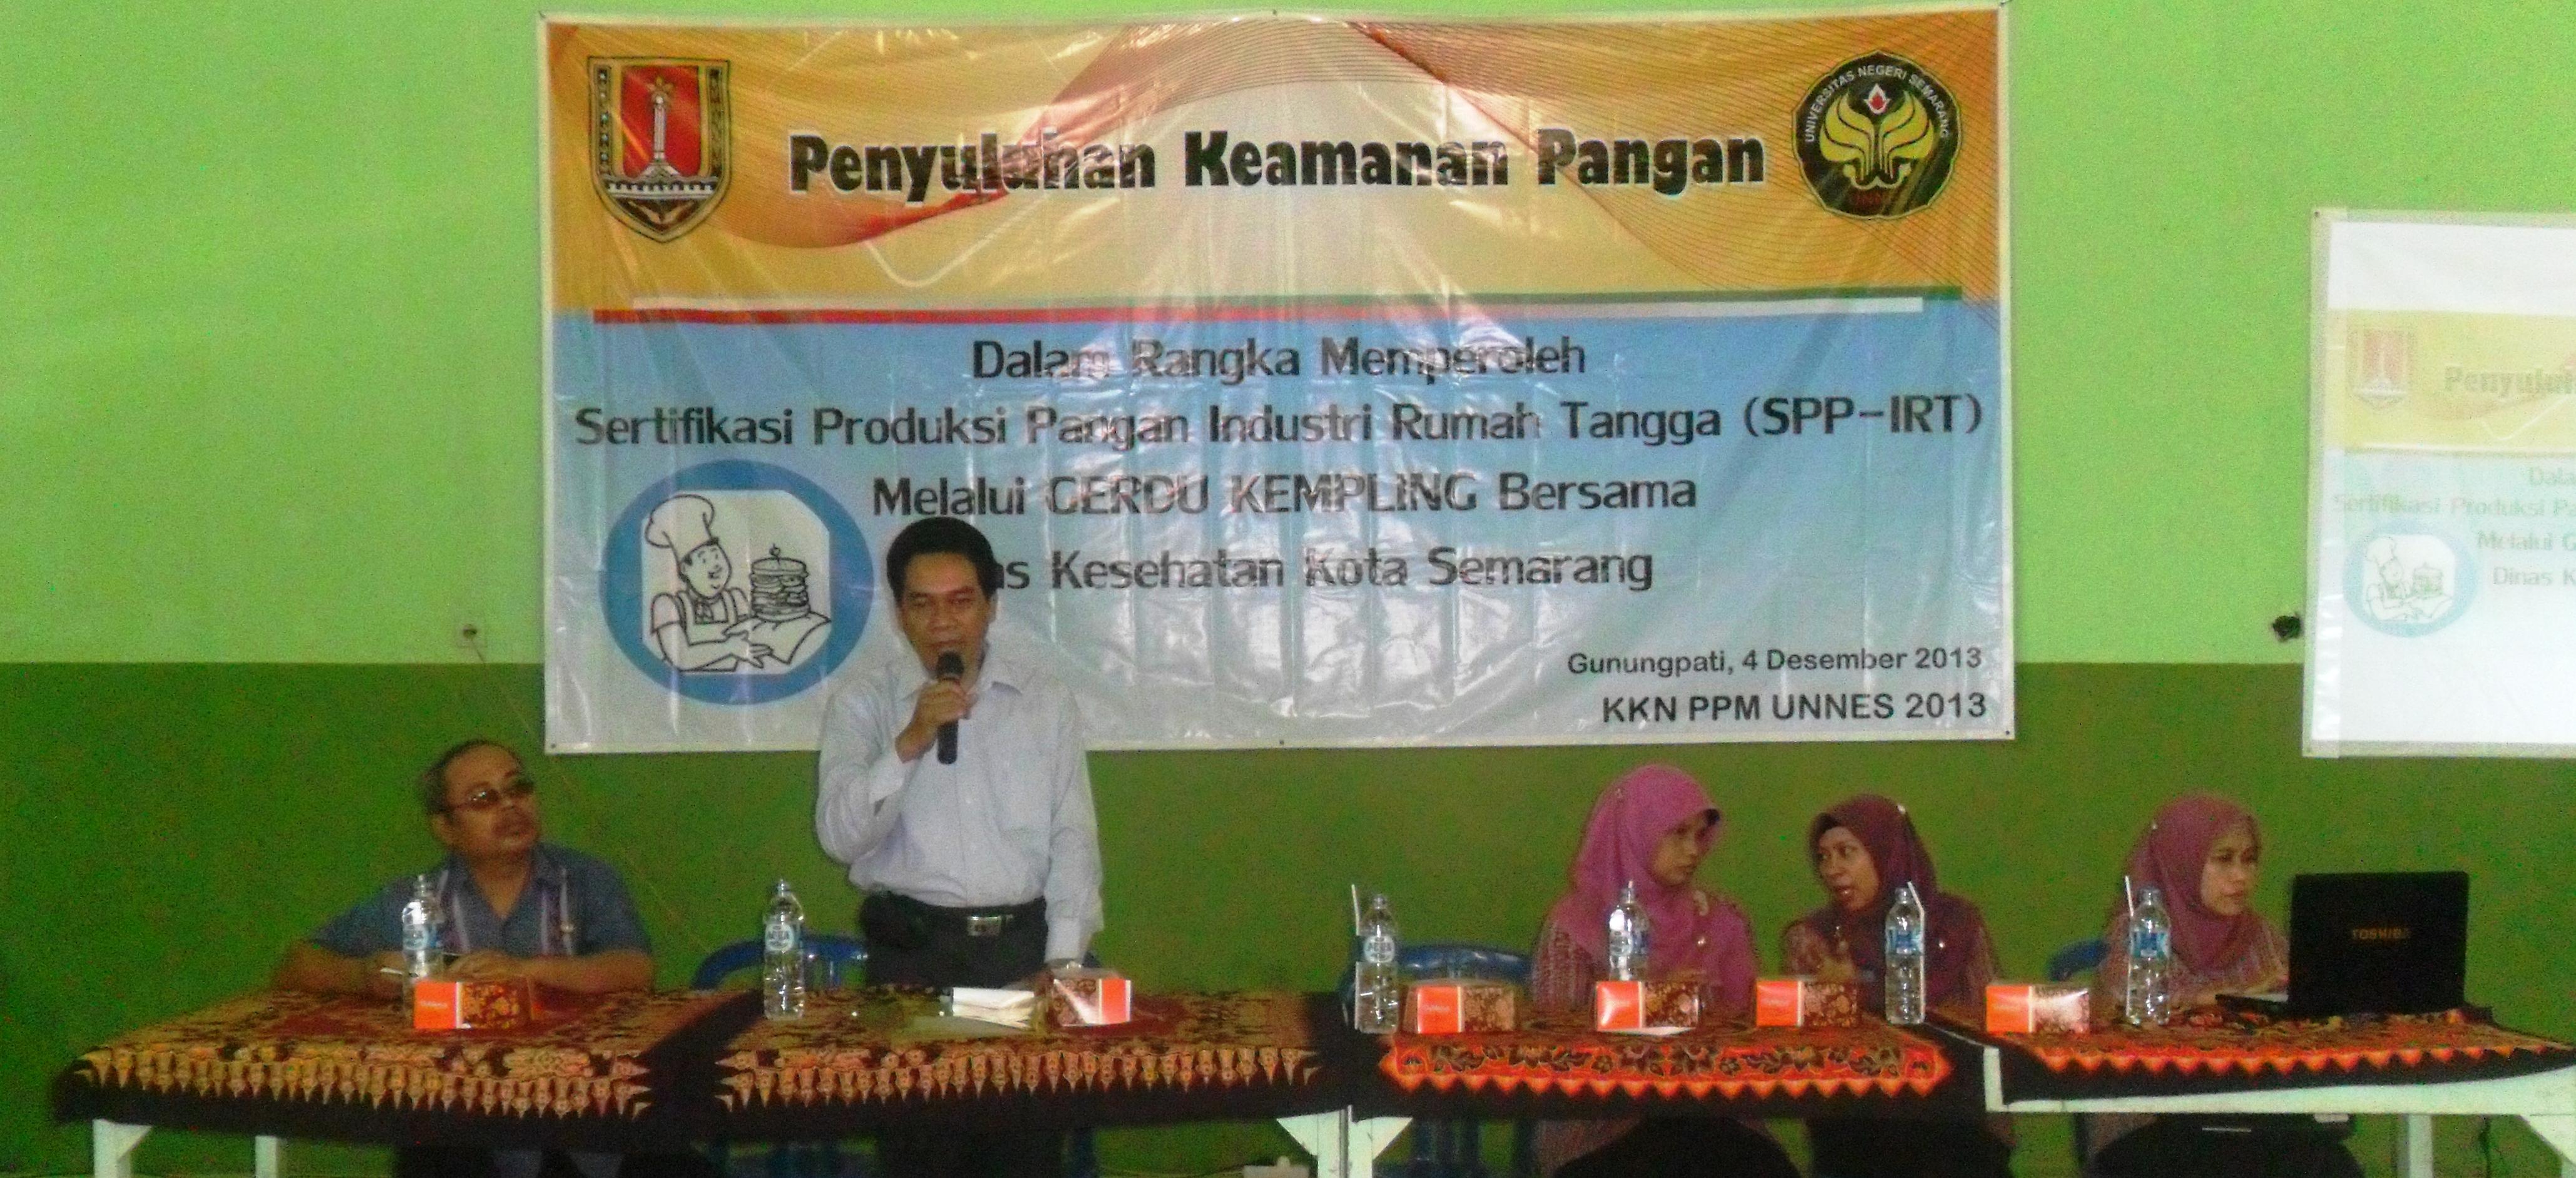 Unnes dan Dinkes Kota Semarang Beri SPP-IRT pada Warga Gunungpati